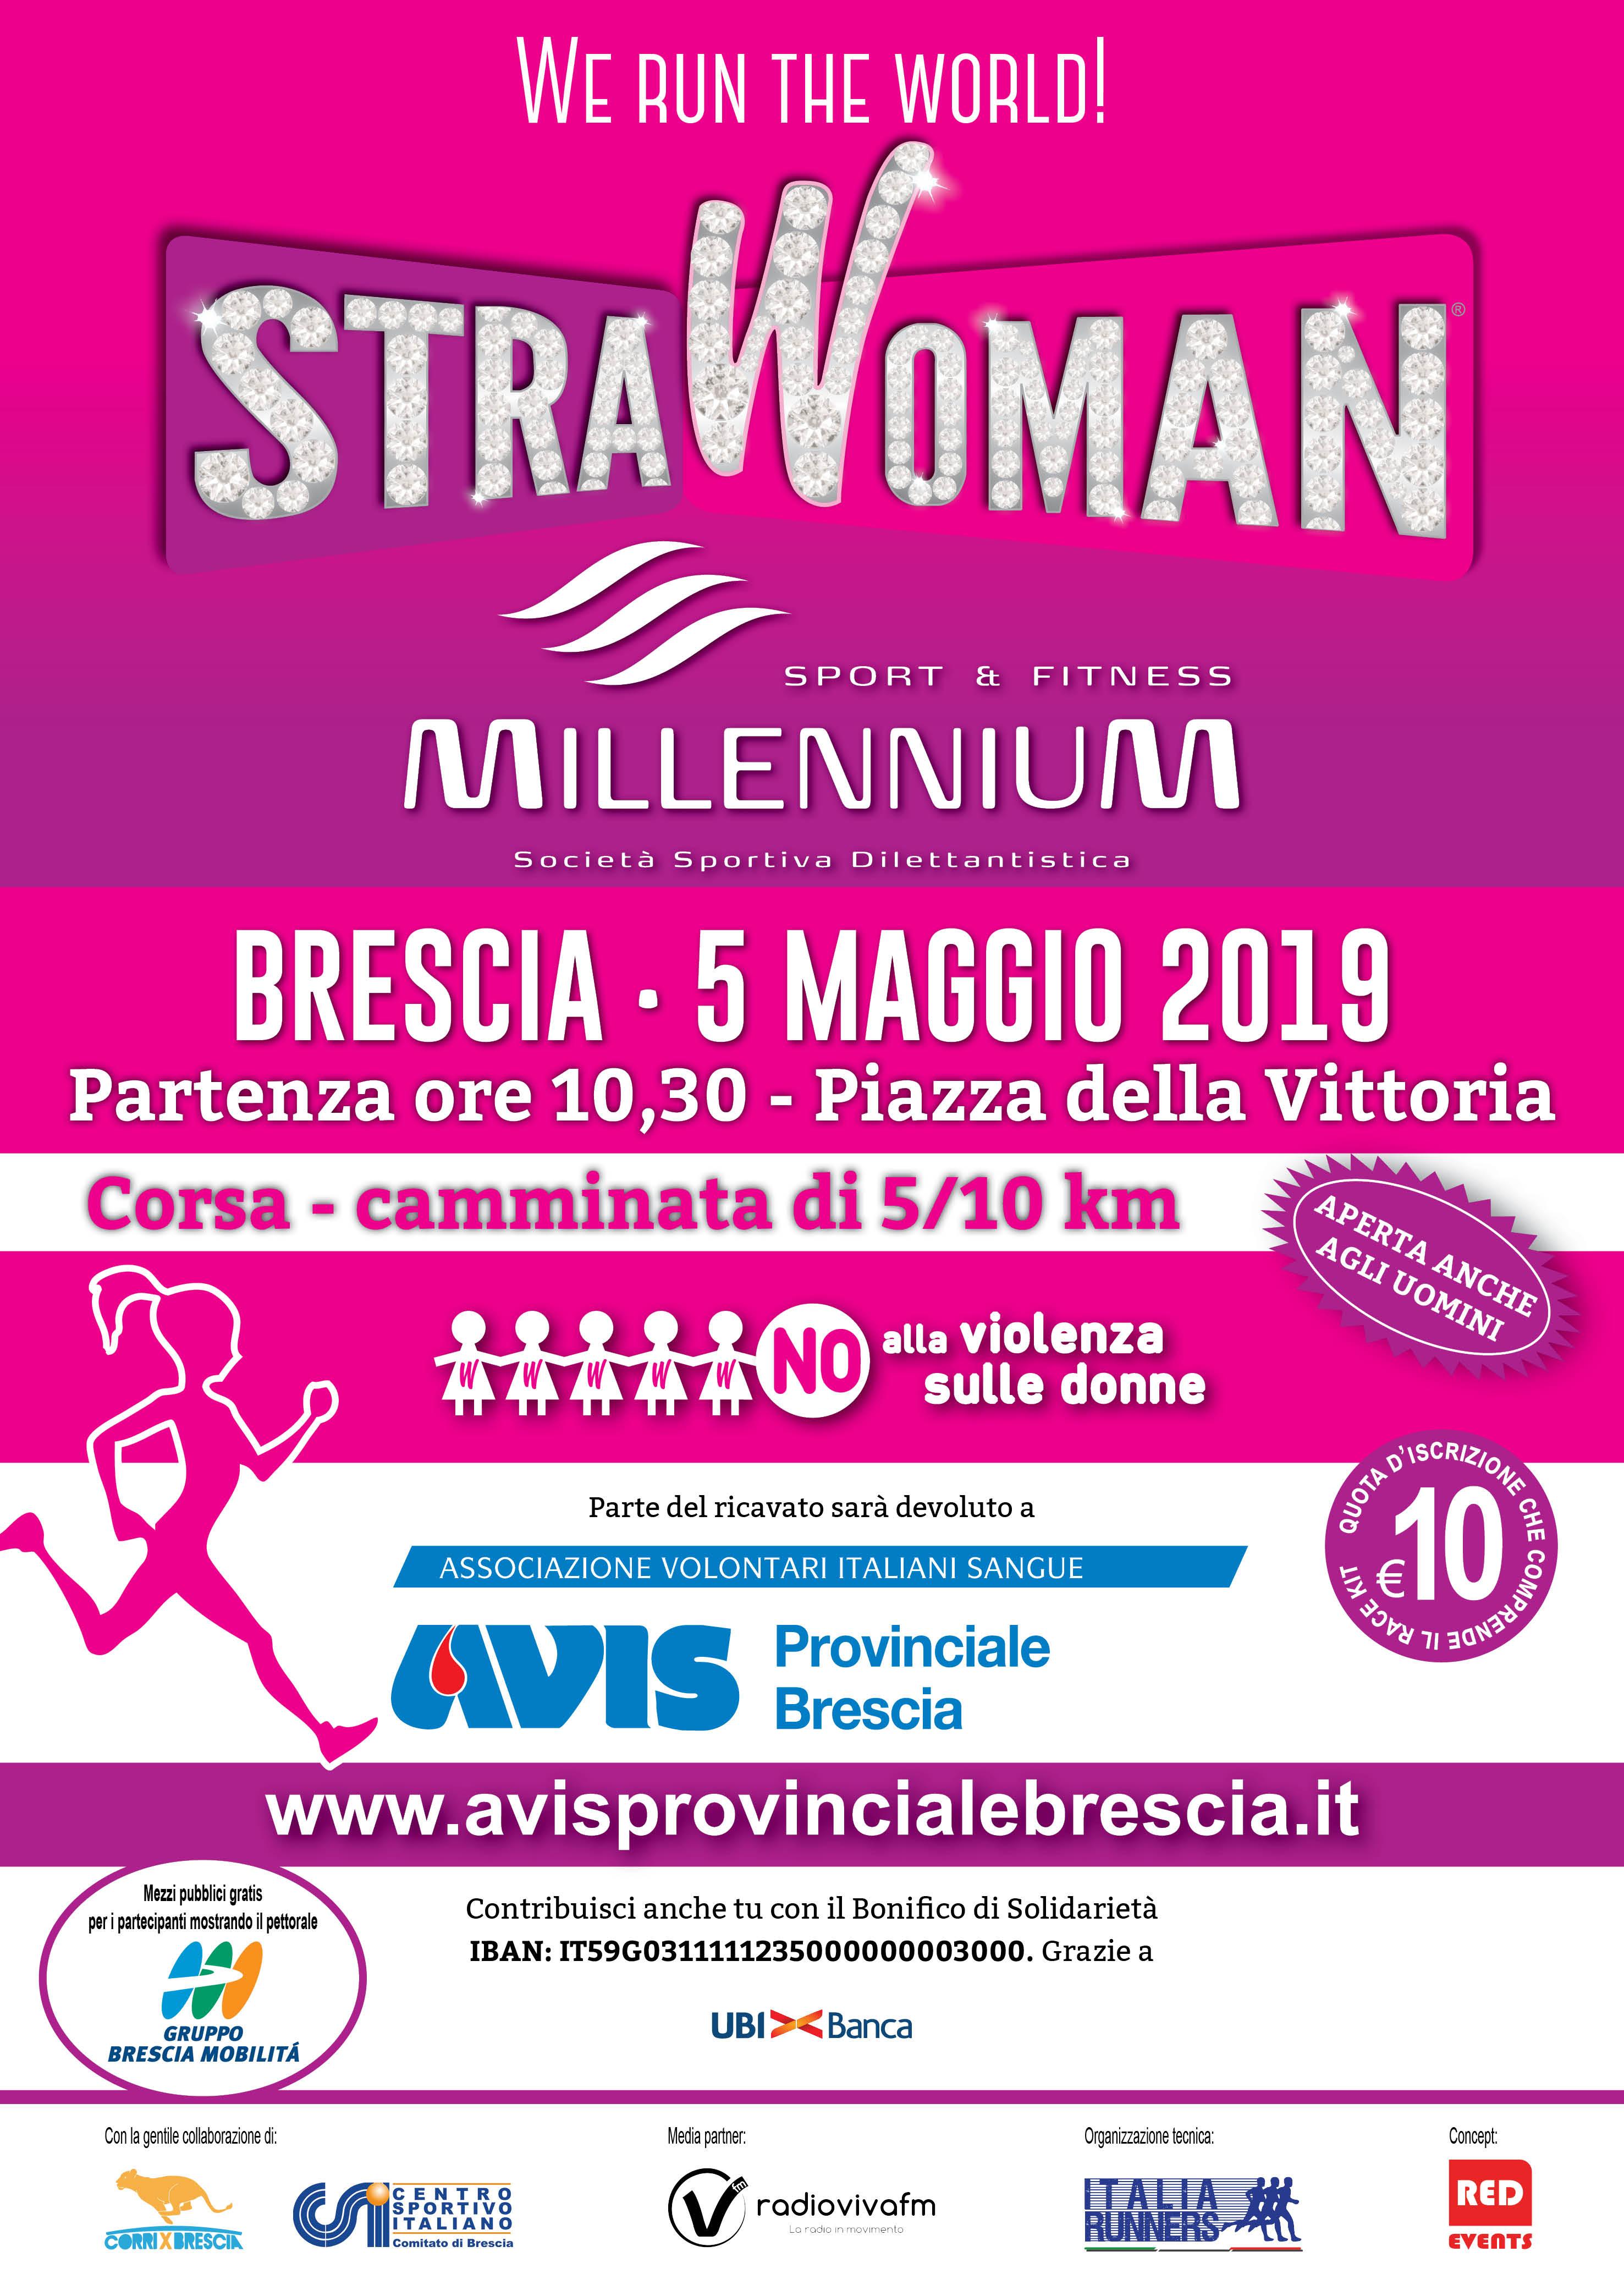 StraWoman supports Avis Provinciale Brescia